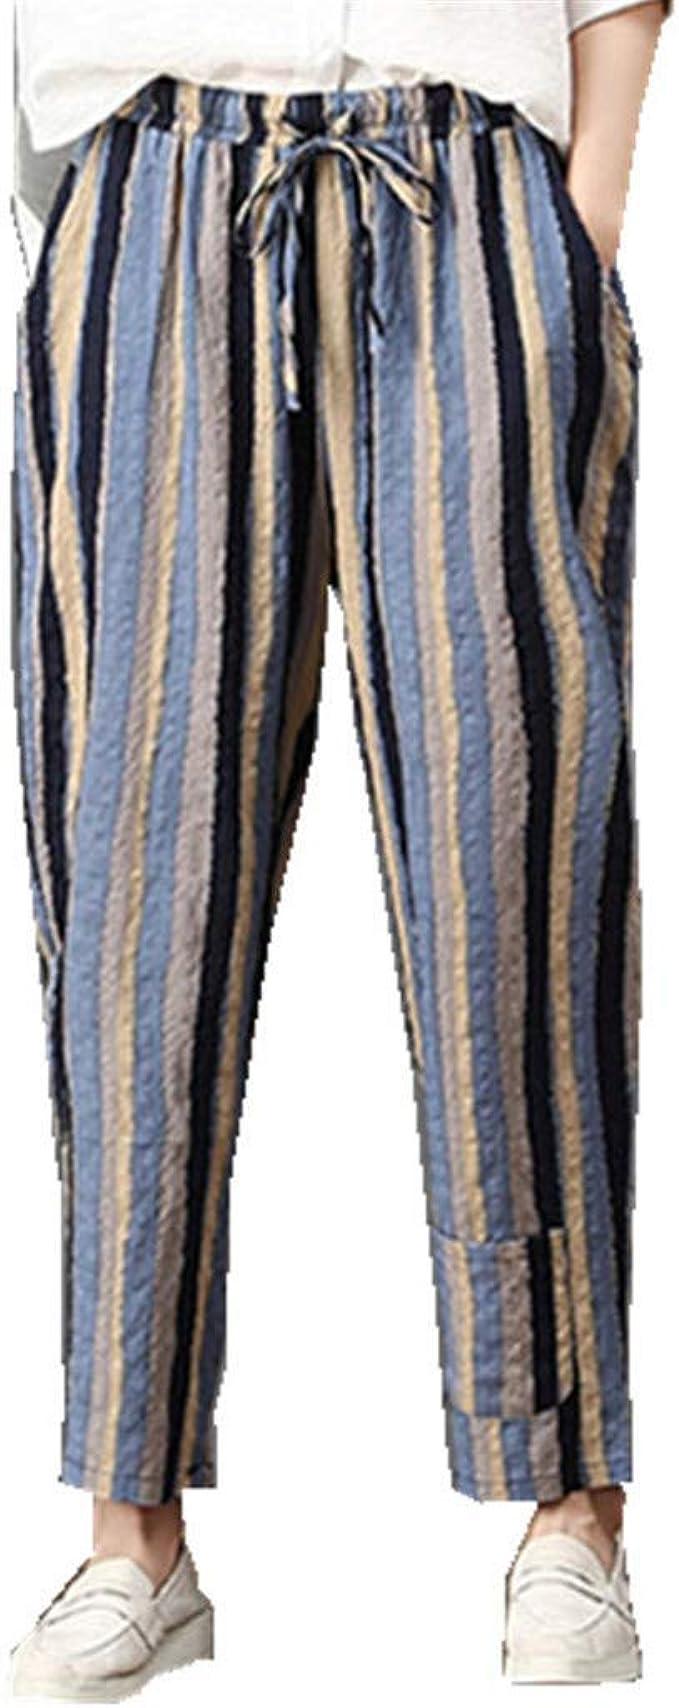 Pantalones Delgados De Rayas De Cintura Alta para Mujer Summer Straight 3 4 Festivo Pantalones para Correr Leggings De Yoga Pantalones De Yoga Pantalones De Lino Y Algodón Pantalones Vaqueros Largos: Amazon.es: